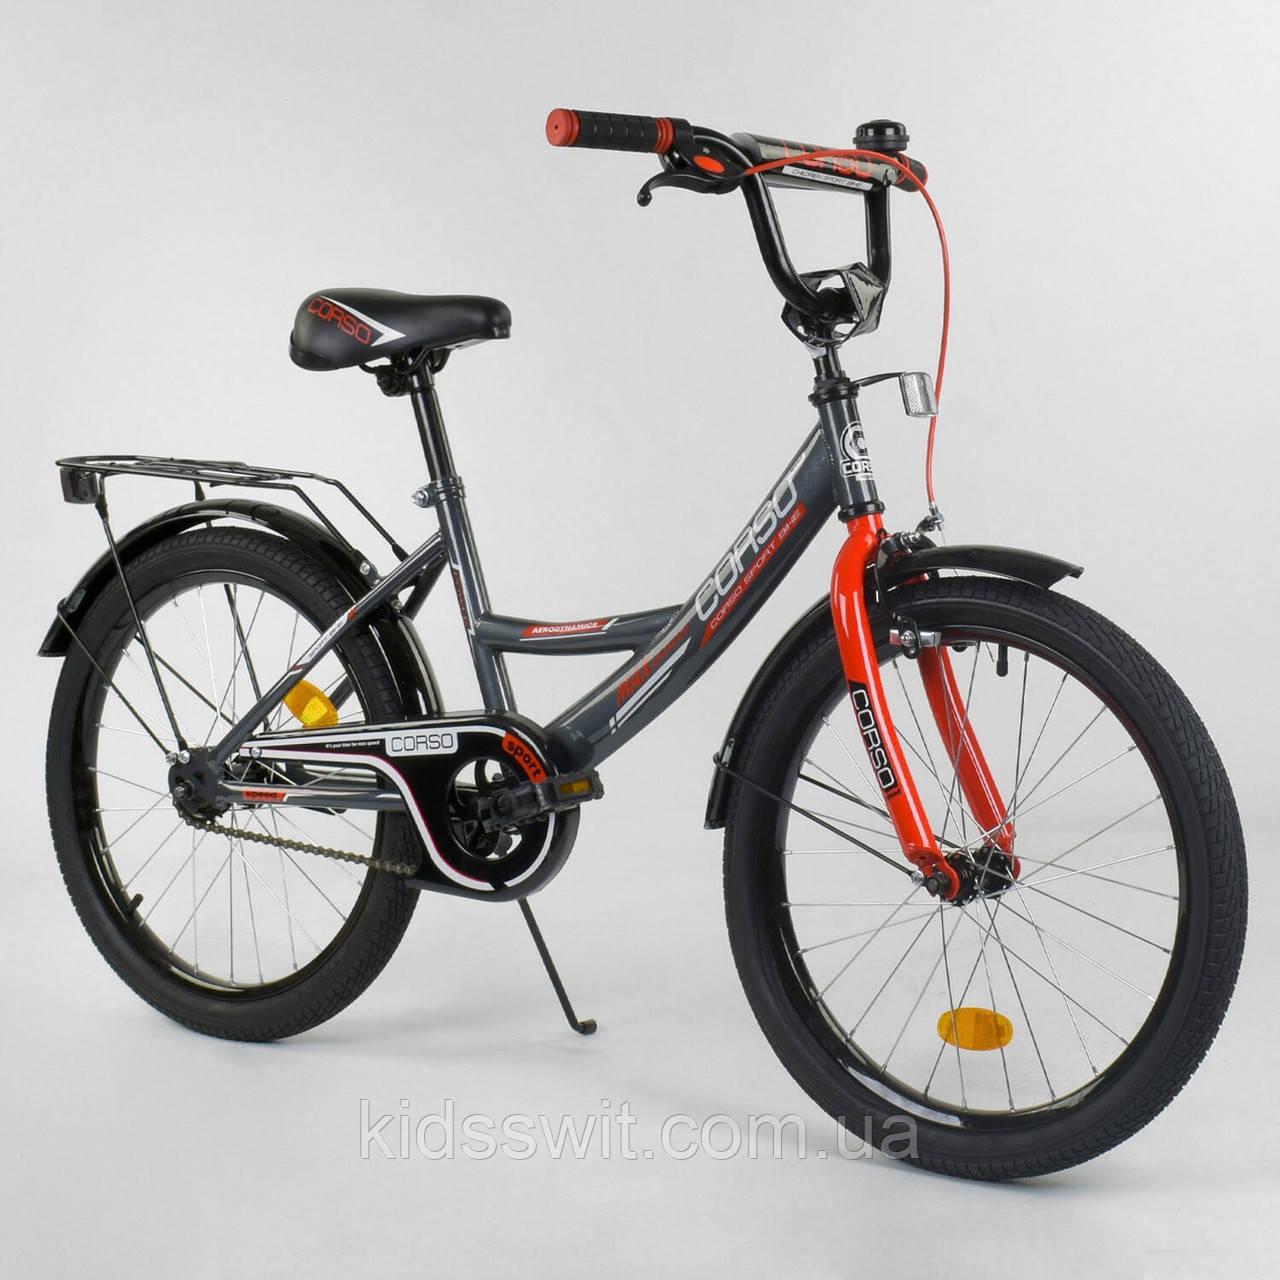 """Велосипед 20"""" дюймов 2-х колёсный """"CORSO"""" серо-красный, ручной тормоз, звоночек, собранный на 75%,  CL-20 Y 97"""